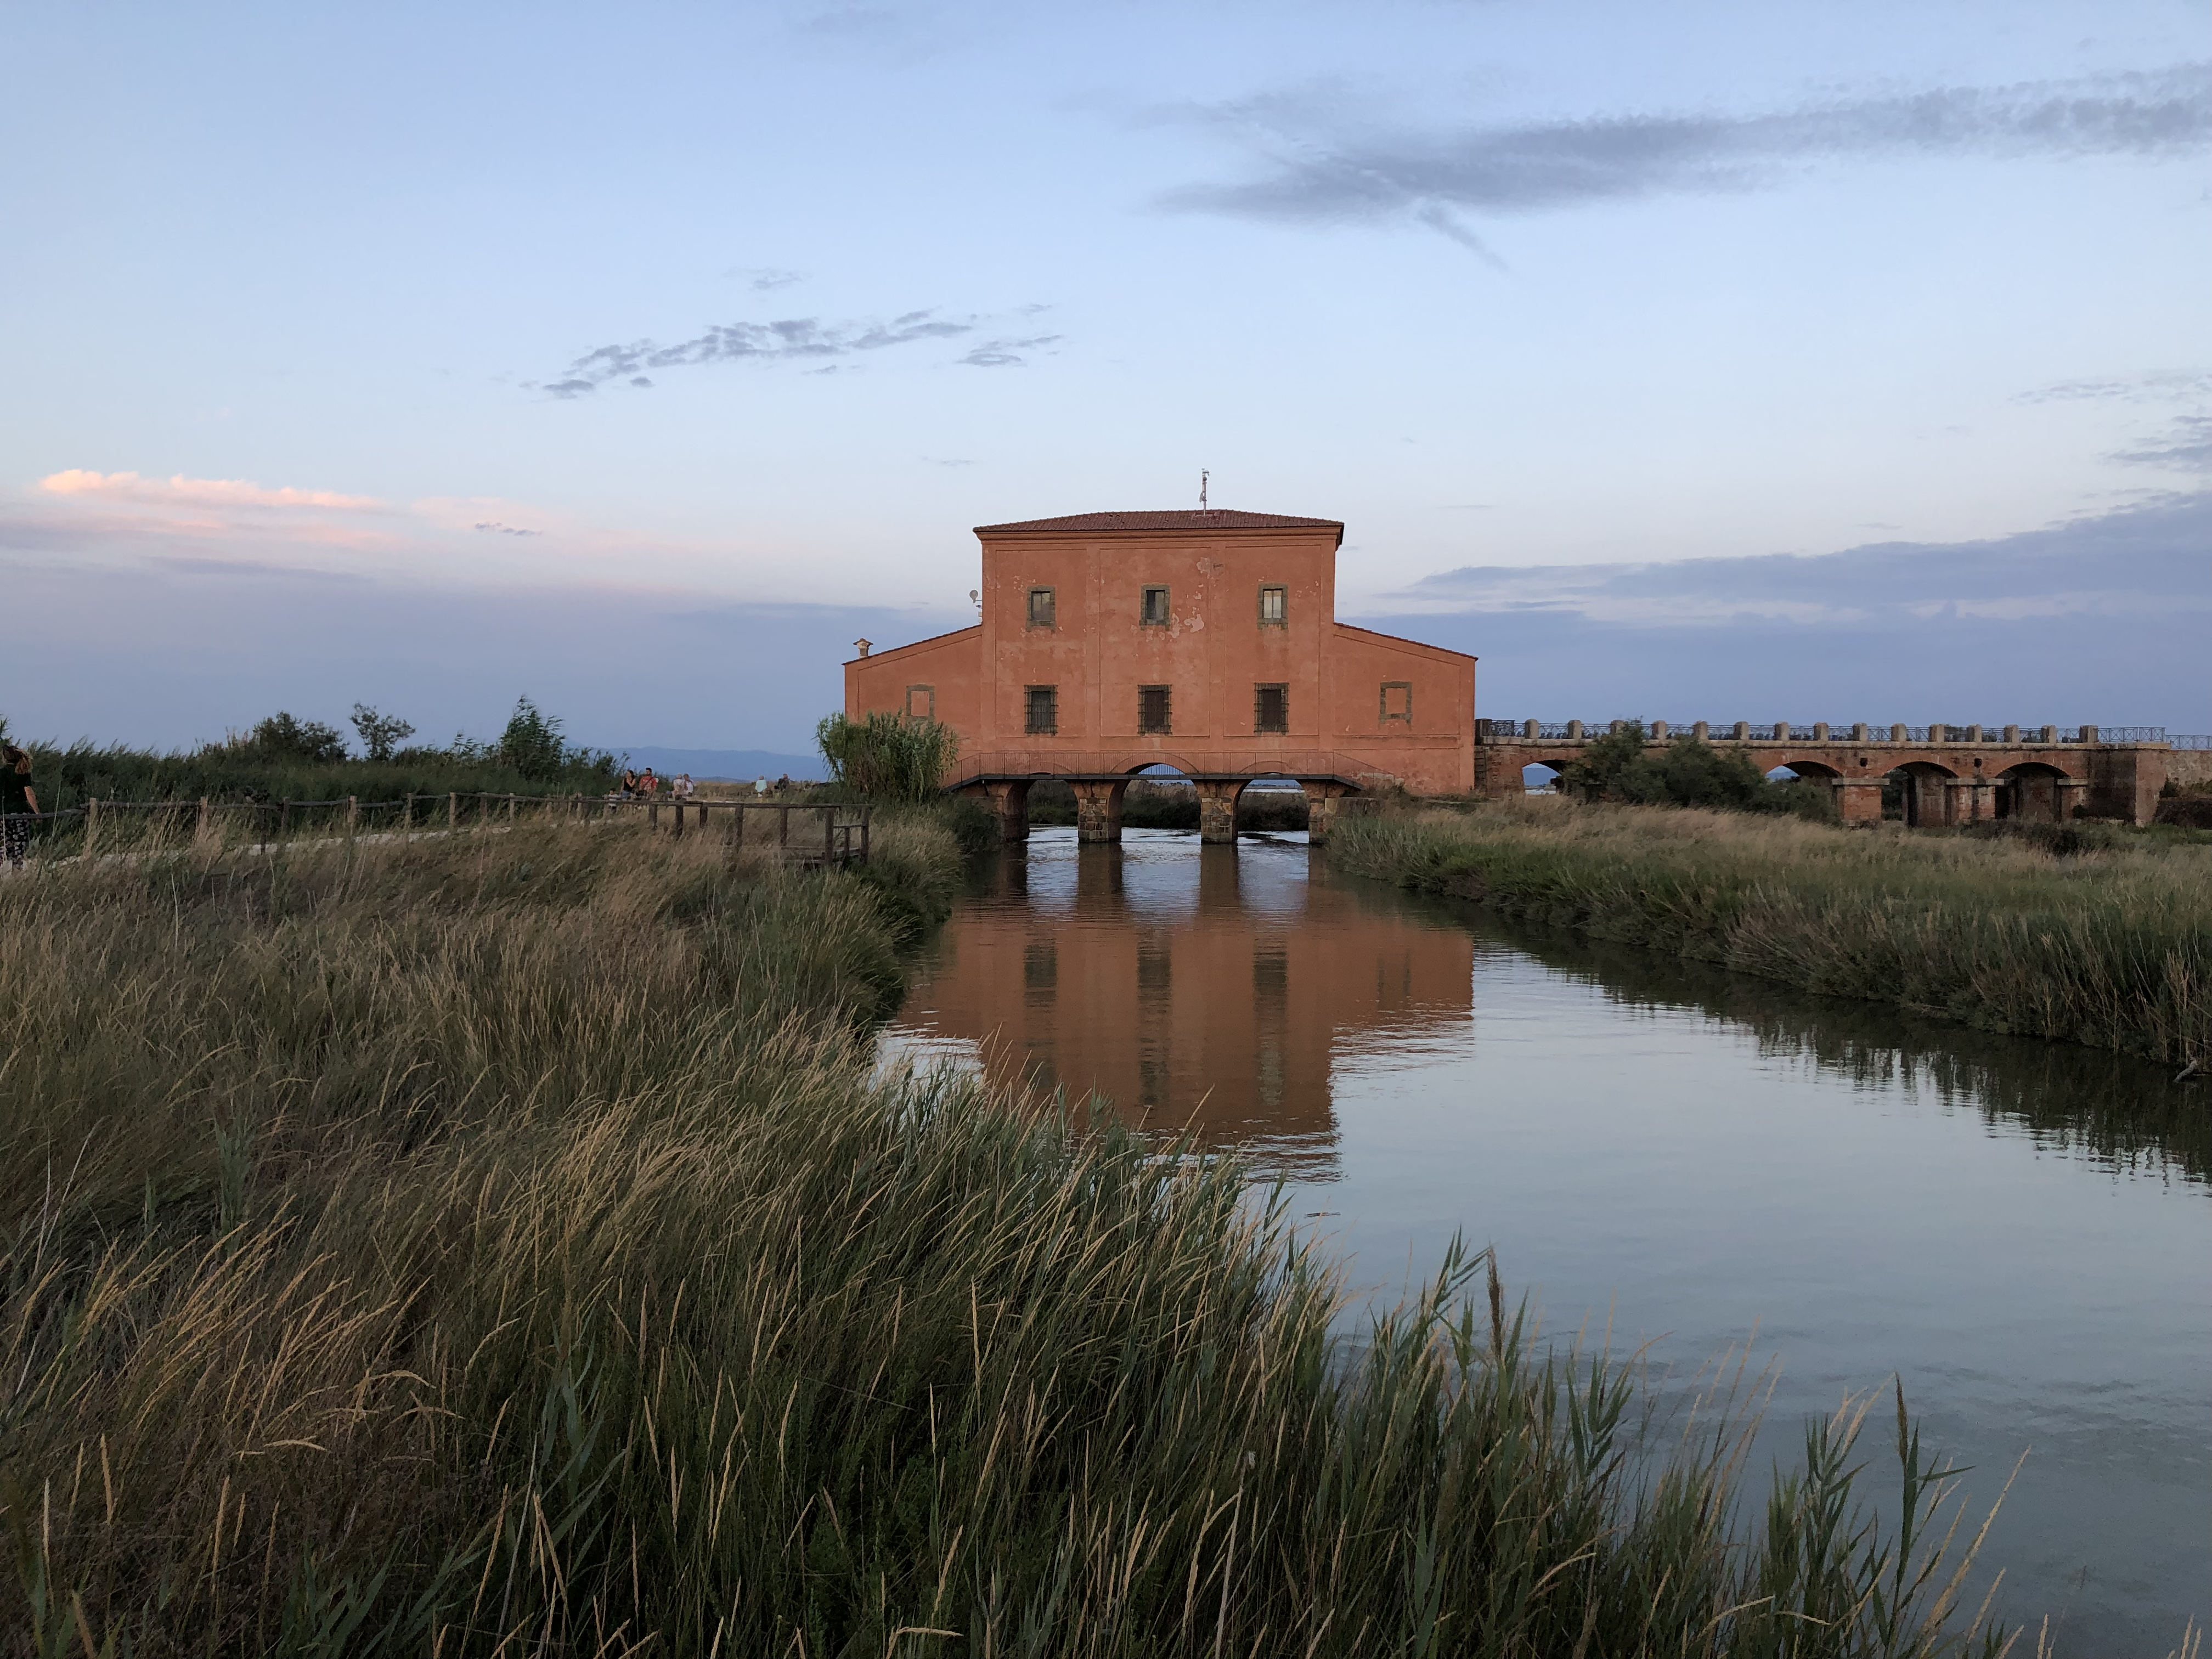 La Casa Rossa Ximenes nella Riserva Naturale Diaccia Botrona